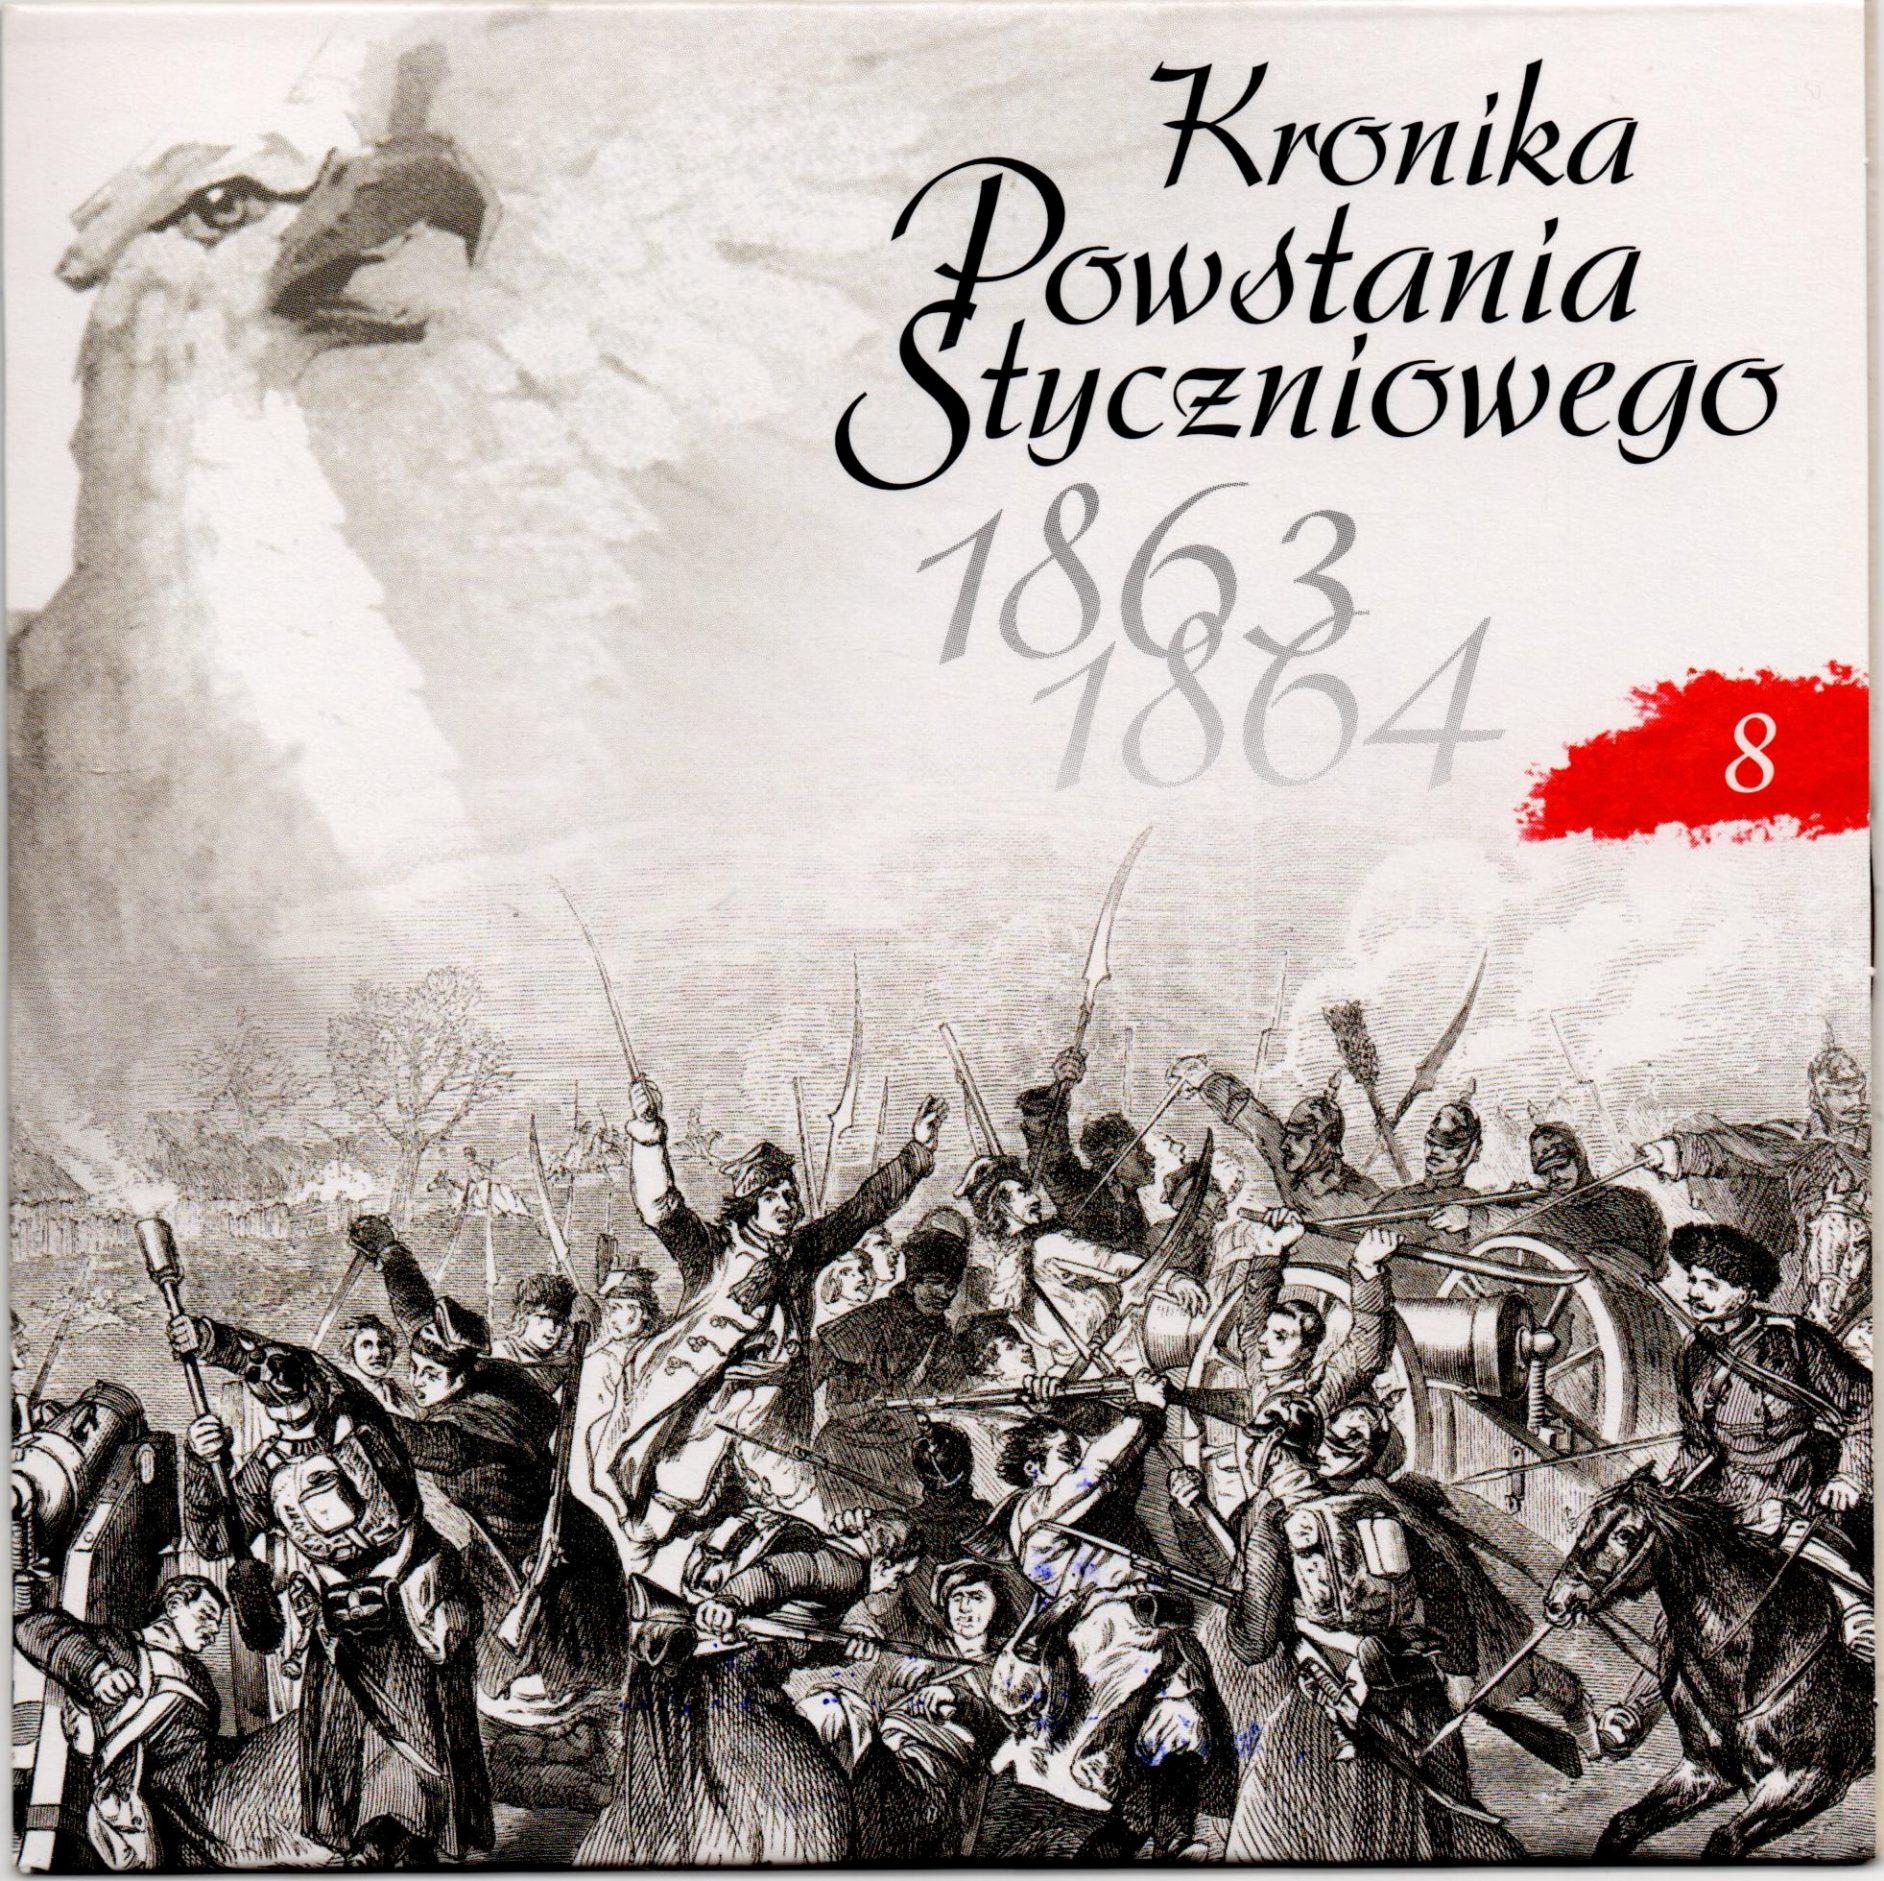 """Комплект компакт-дисків з буклетом """"Kronika Powstania Styczniowego 1863-1864 / Літопис Січневого повстання 1863-1864 рр."""". Диск 8"""